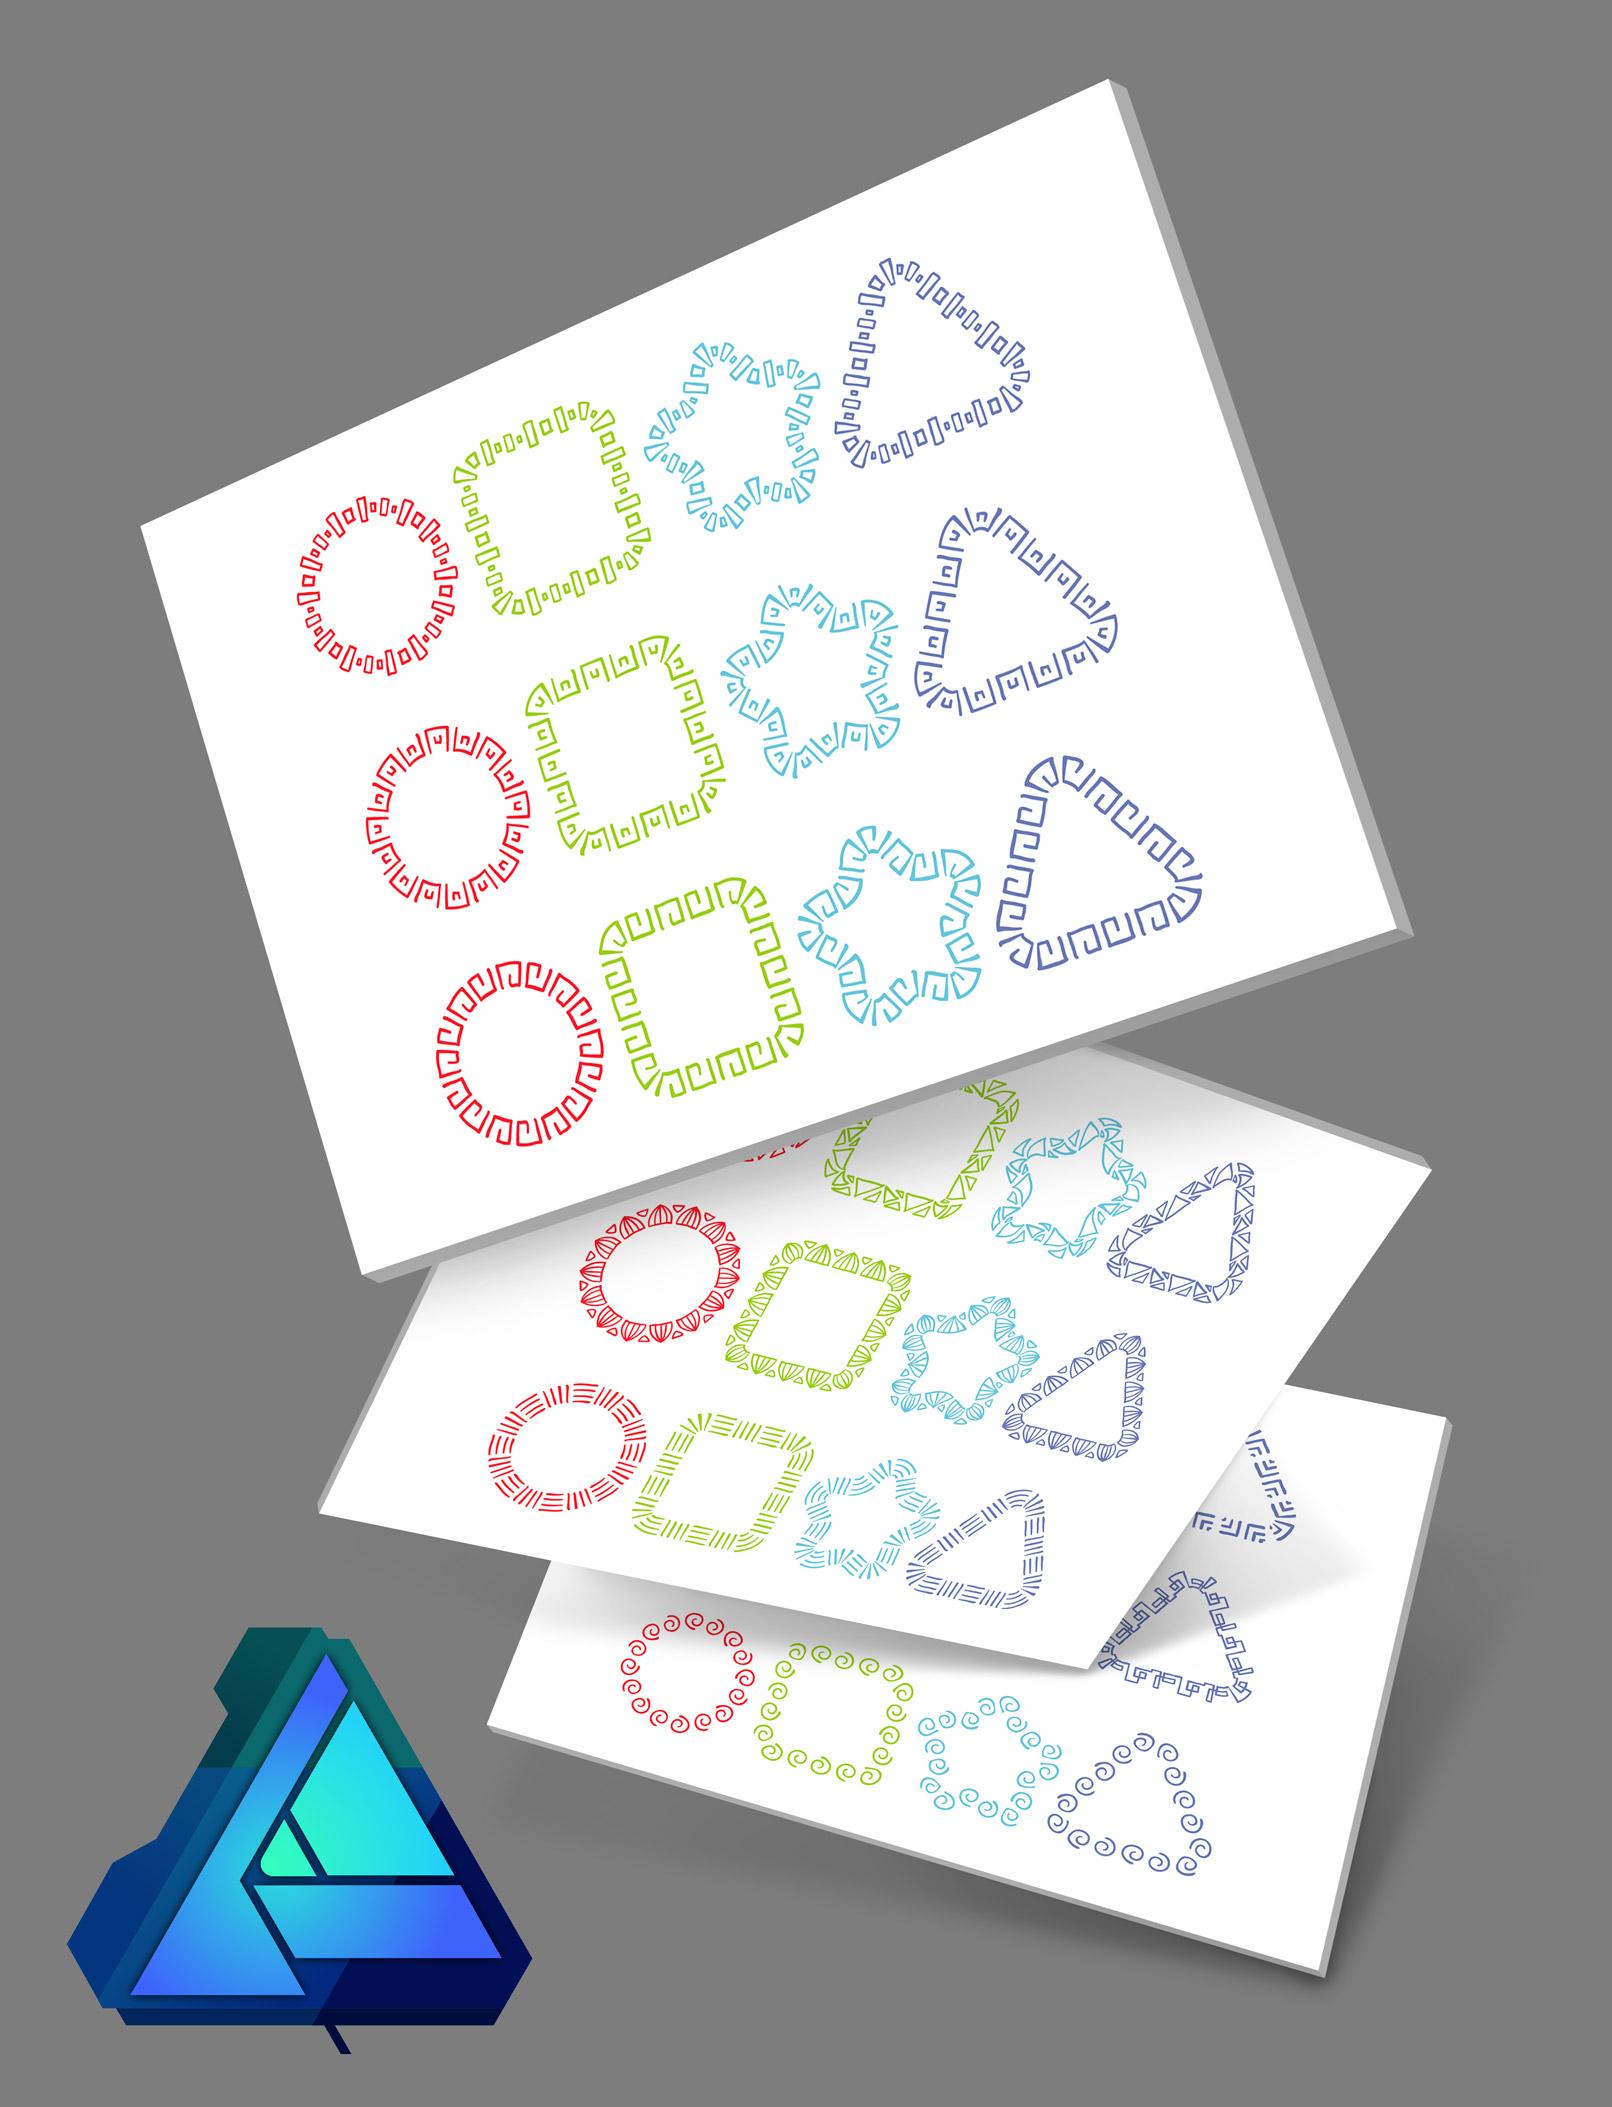 Affinity Designer Brushes mit Ornamenten am Beispiel der Verwendung als Kontur